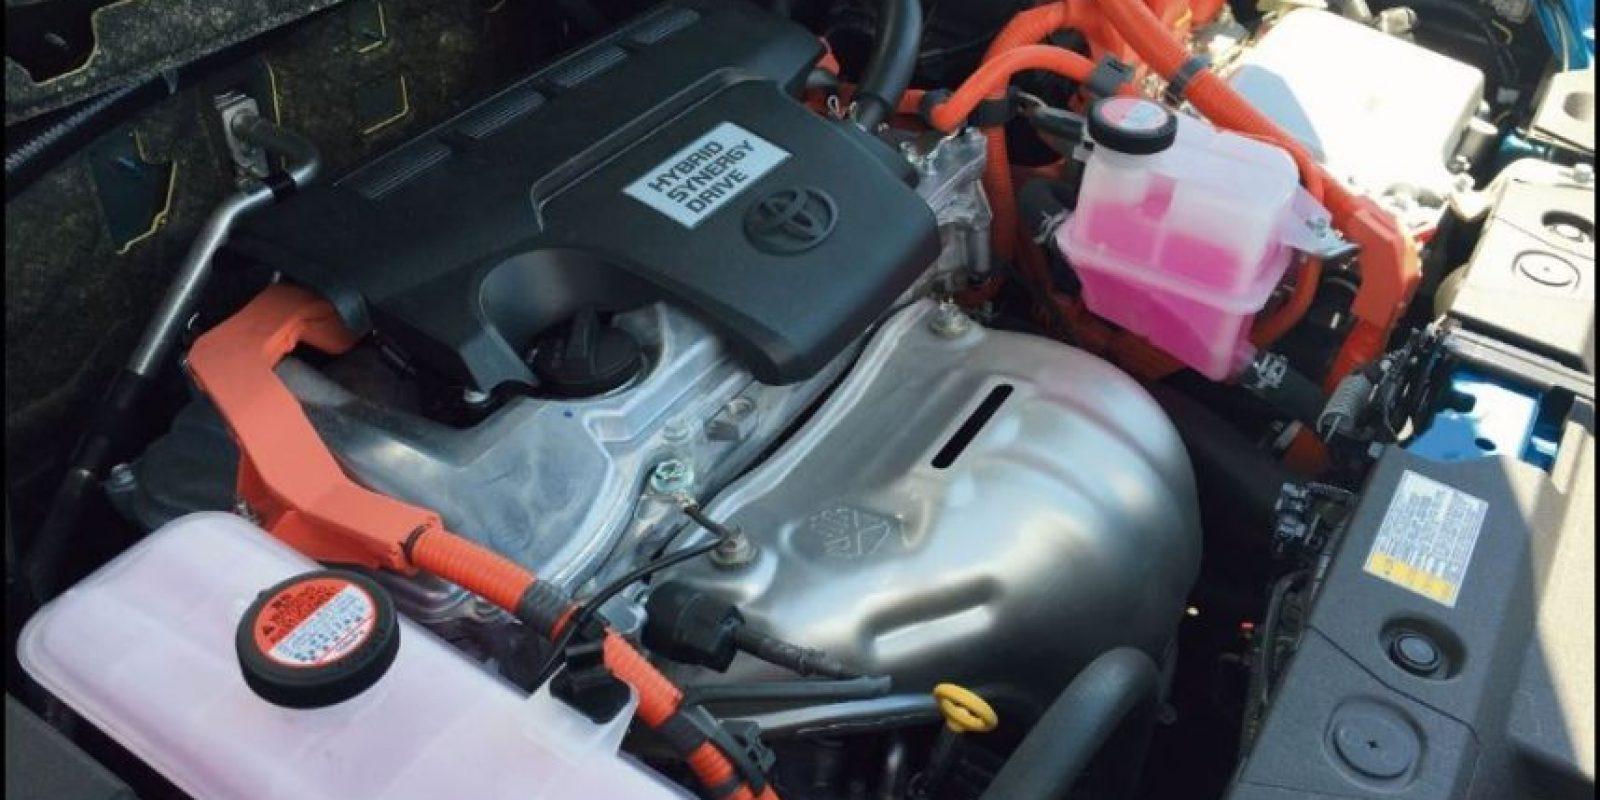 Combina motor eléctrico y un motor de 2.5 L Foto: / víktor rodríguez-velázquez